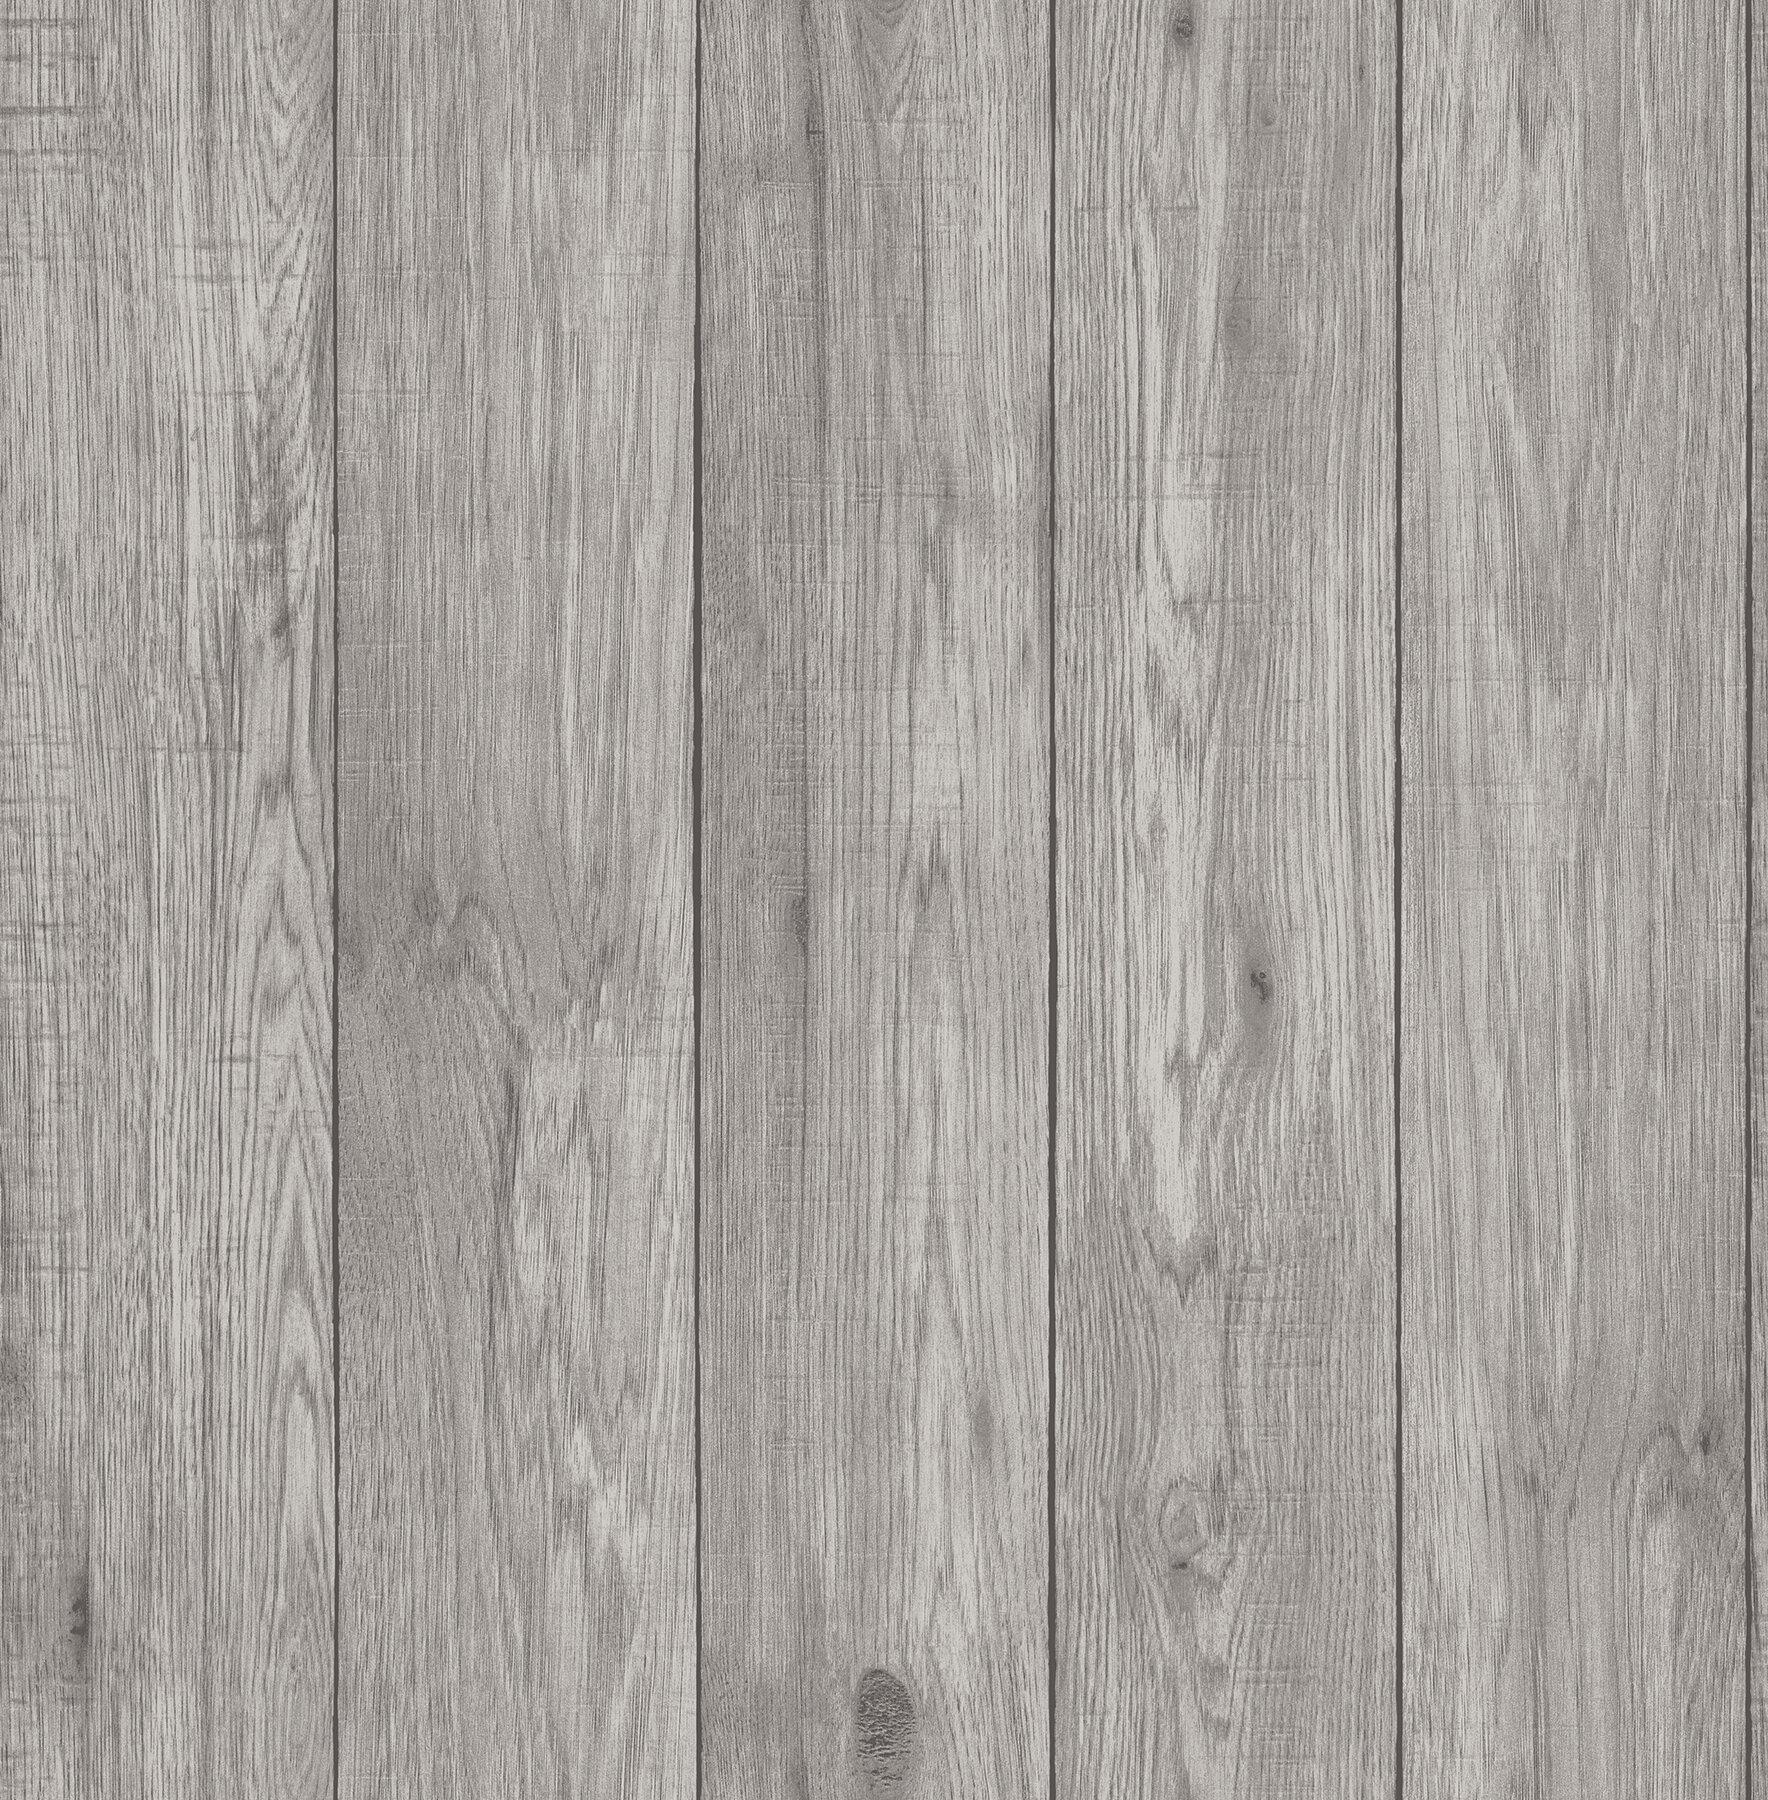 Millwood Pines Elswick Lumber Wood 33 L X 20 5 W Wallpaper Roll